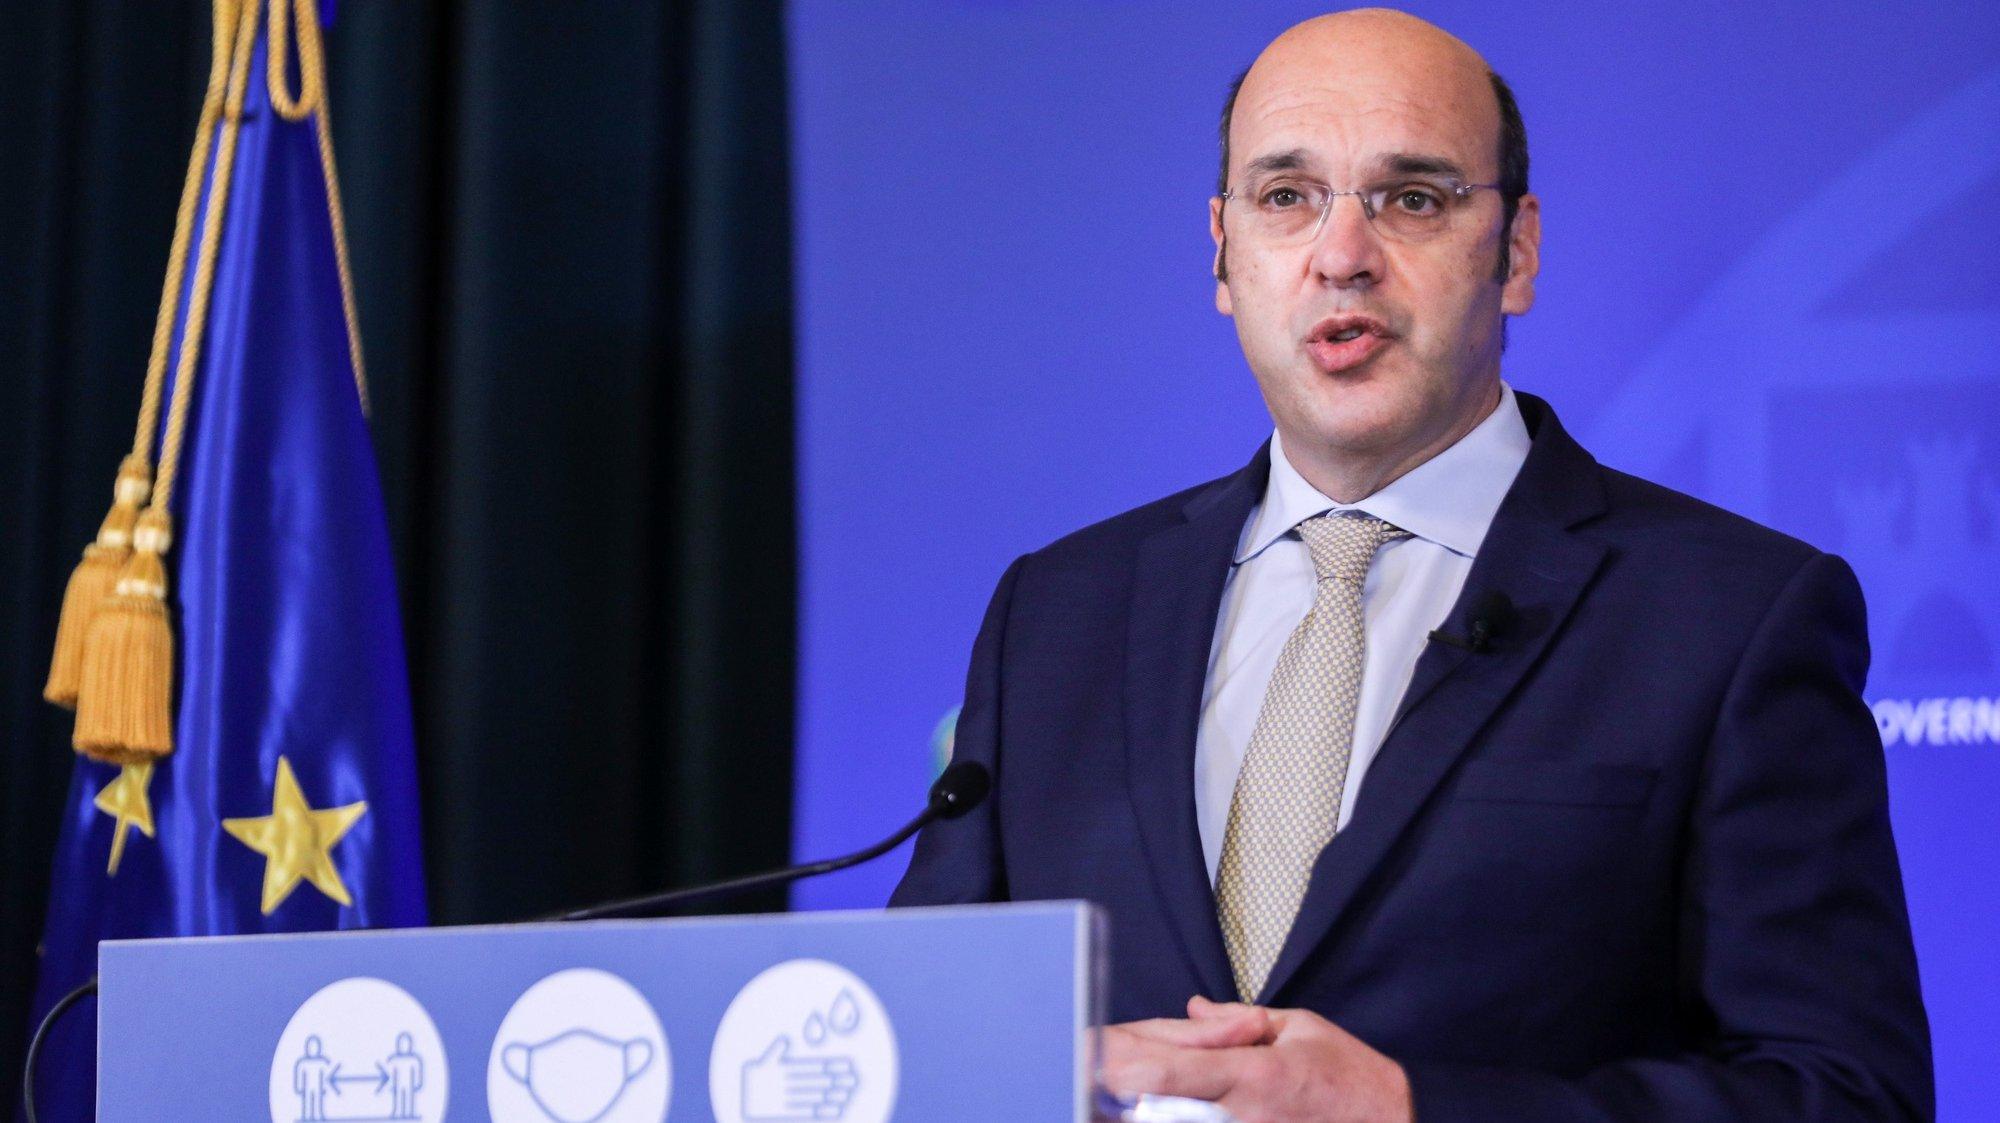 O ministro de Estado, da Economia e Transição Digital,  Pedro Siza Vieira, intervém na sessão de apresentação das medidas de apoio ao emprego e às empresas aprovadas em Conselho de Ministros, em Lisboa, 12 de março de 2021. MIGUEL A. LOPES/LUSA